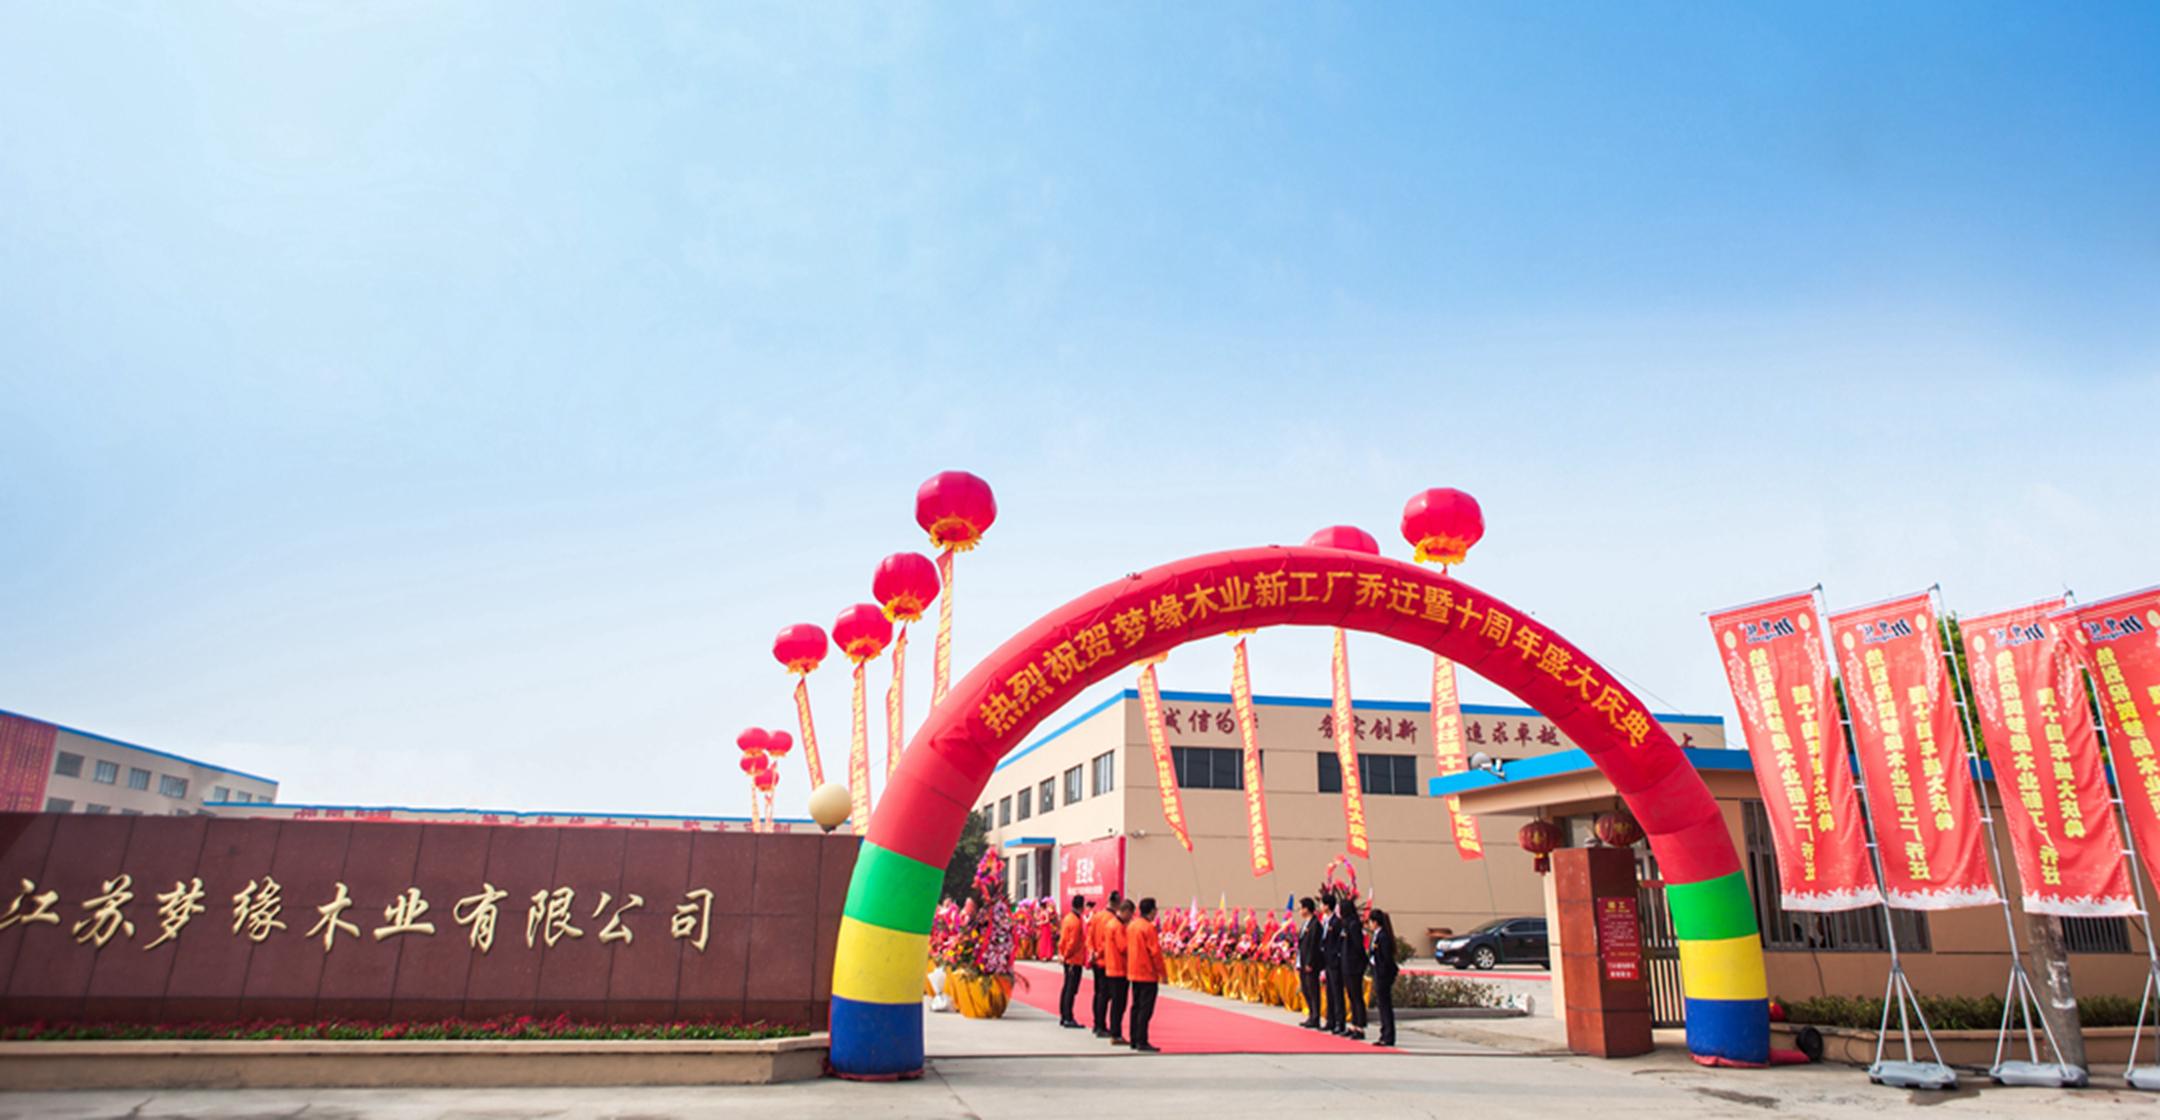 江苏梦缘木业有限公司新工厂乔迁暨十周年盛大庆典